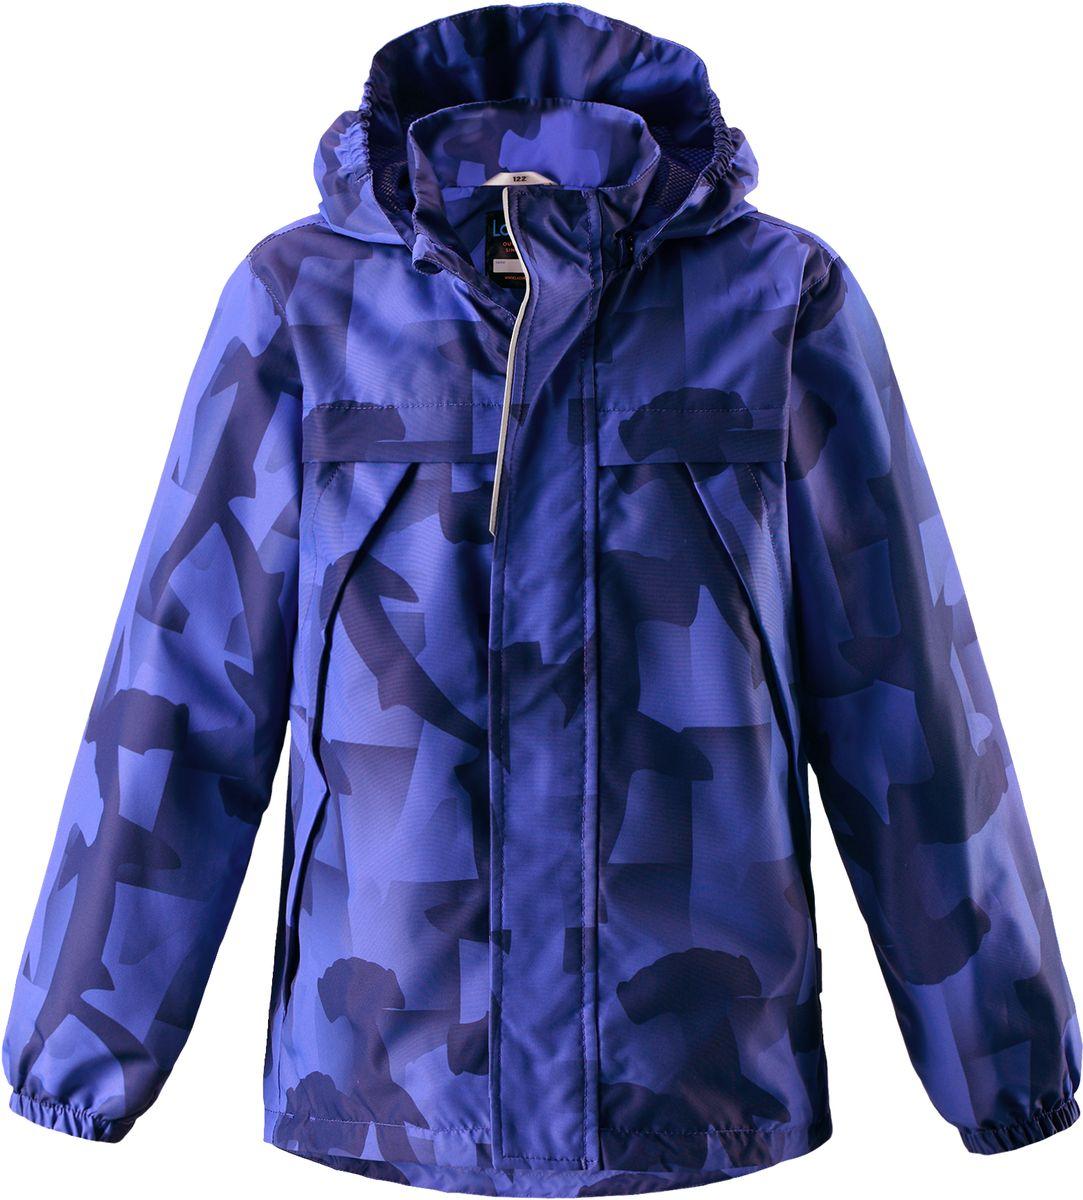 Куртка для мальчика Lassie, цвет: синий. 721707R6691. Размер 98721707R6691Легкая и удобная куртка для мальчиков на весенне-осенний период. Она изготовлена из водоотталкивающего и ветронепроницаемого, но при этом дышащего материала. Куртка снабжена дышащей и приятной на ощупь подкладкой на легком утеплителе, которая облегчает одевание. Съемный капюшон обеспечивает защиту от холодного ветра, а также безопасен во время игр на свежем воздухе! Благодаря регулируемому подолу эта модель свободного покроя отлично сидит по фигуре. Снабжена множеством продуманных элементов, например, передними карманами и эластичными манжетами.